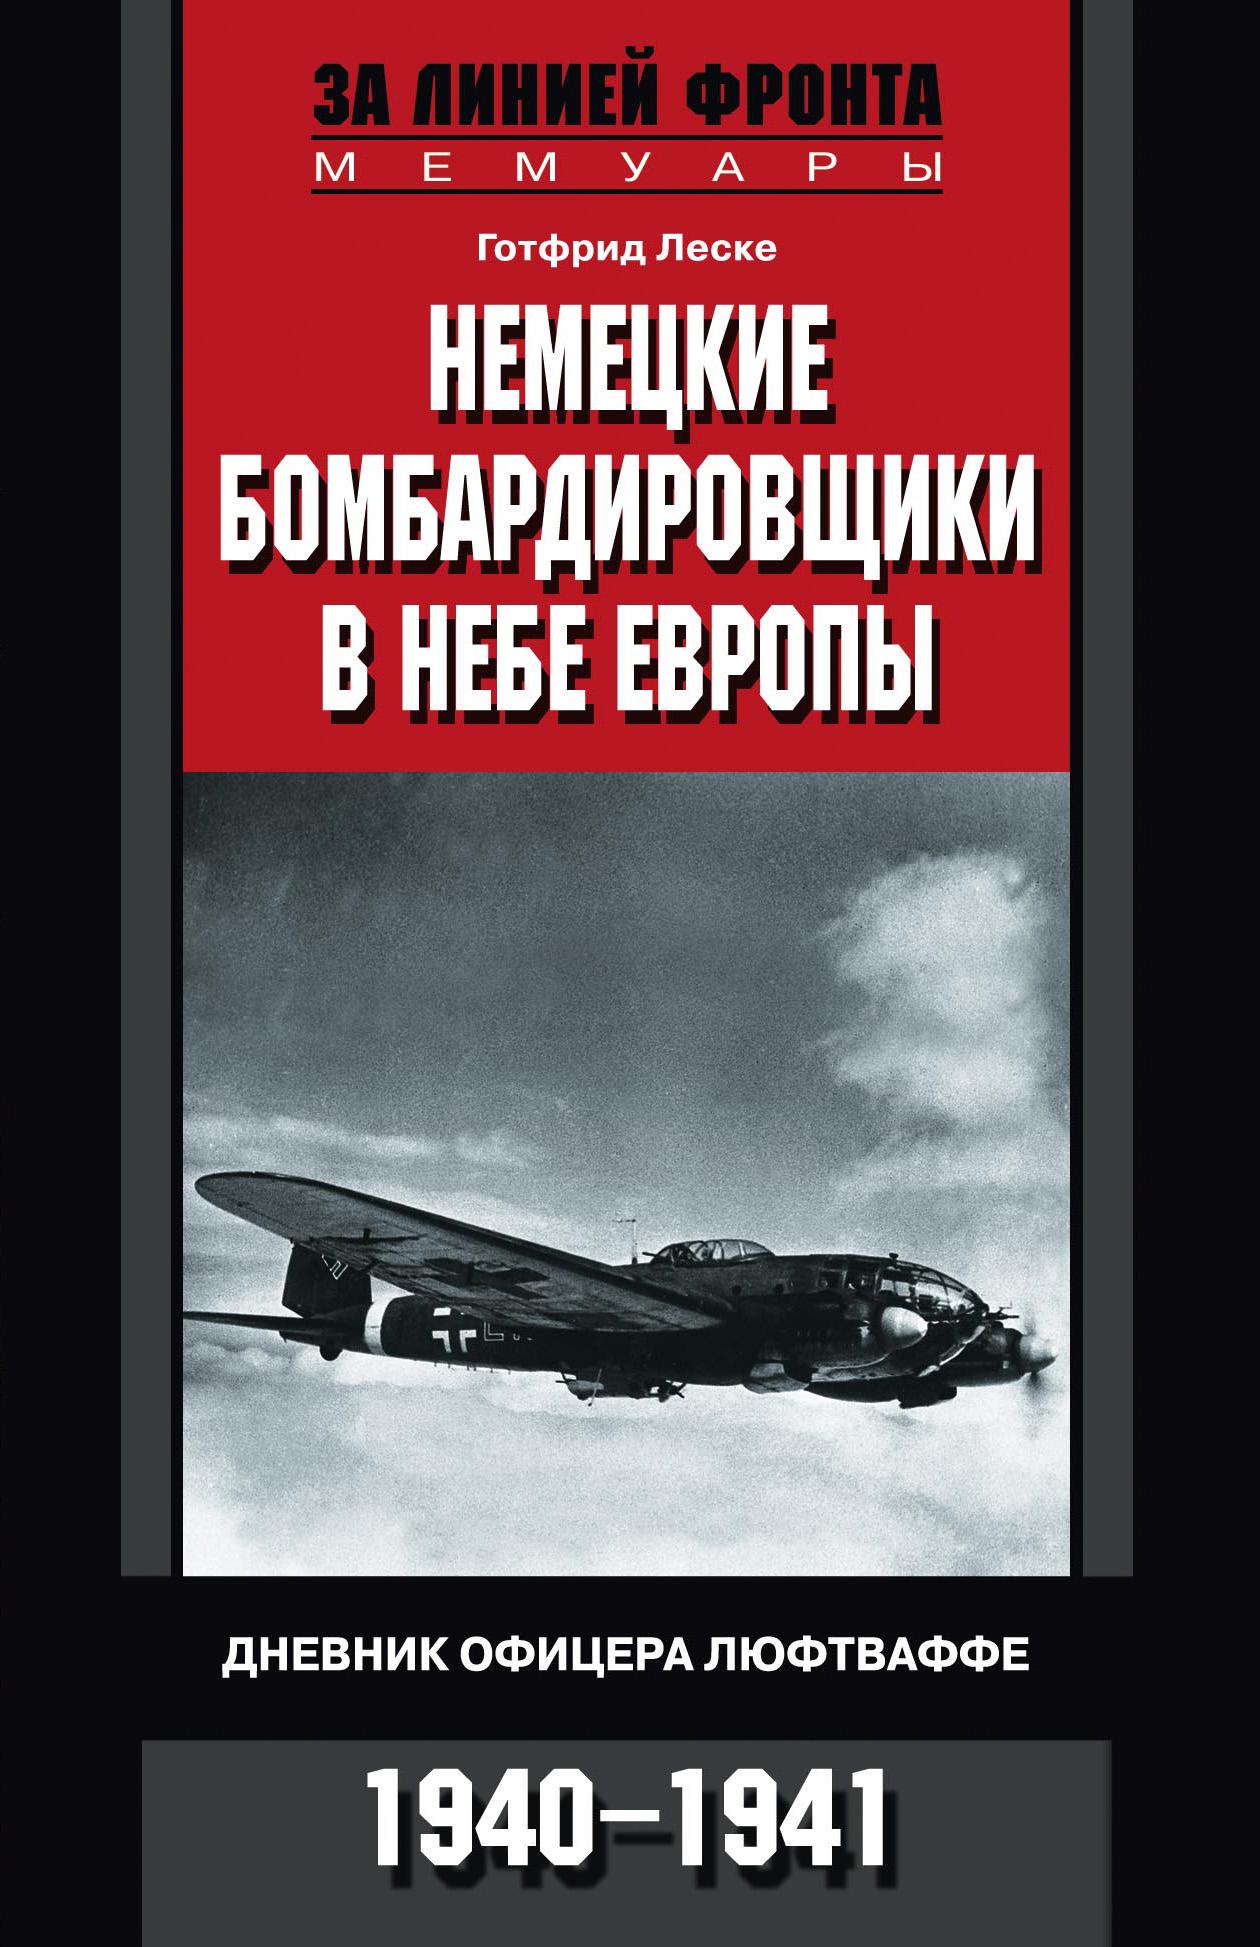 Немецкие бомбардировщики в небе Европы. Дневник офицера люфтваффе. 1940-1941